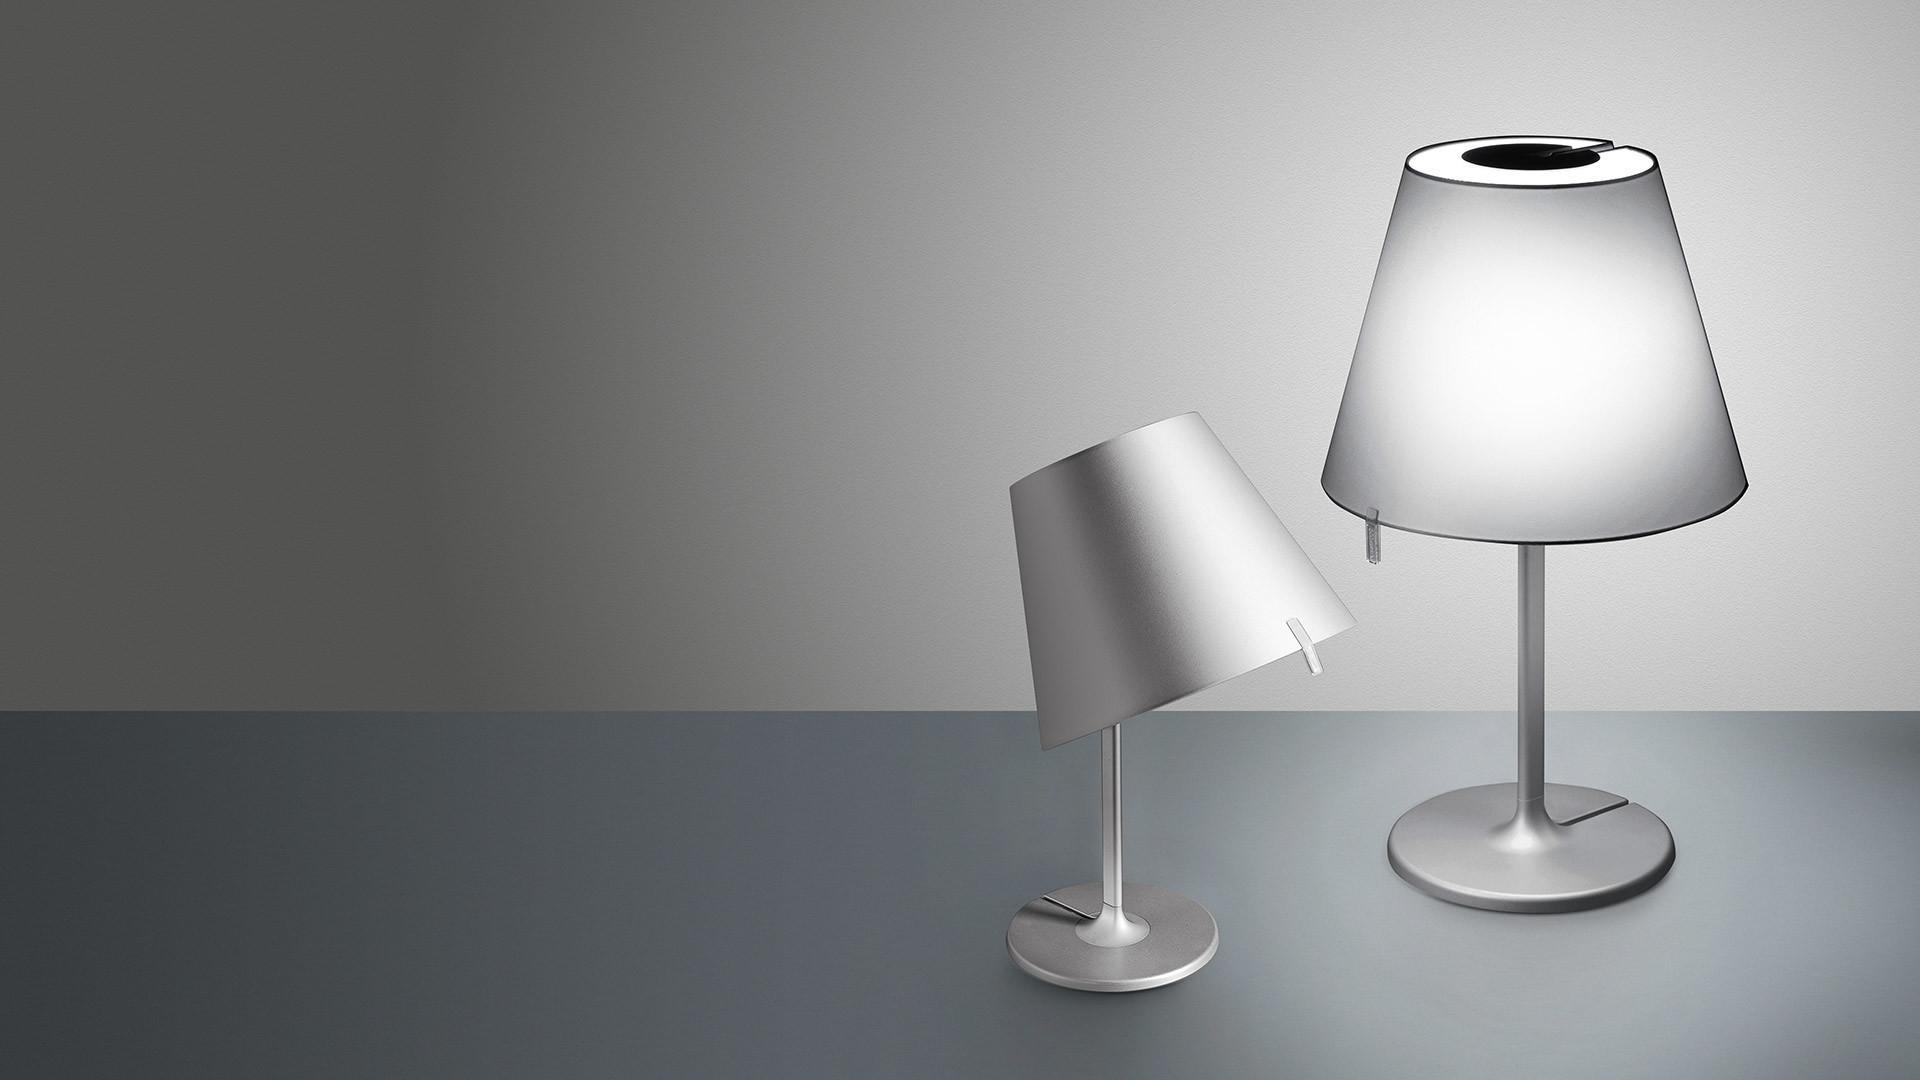 Lampă de masă Artemide Melampo Notte 0710010A